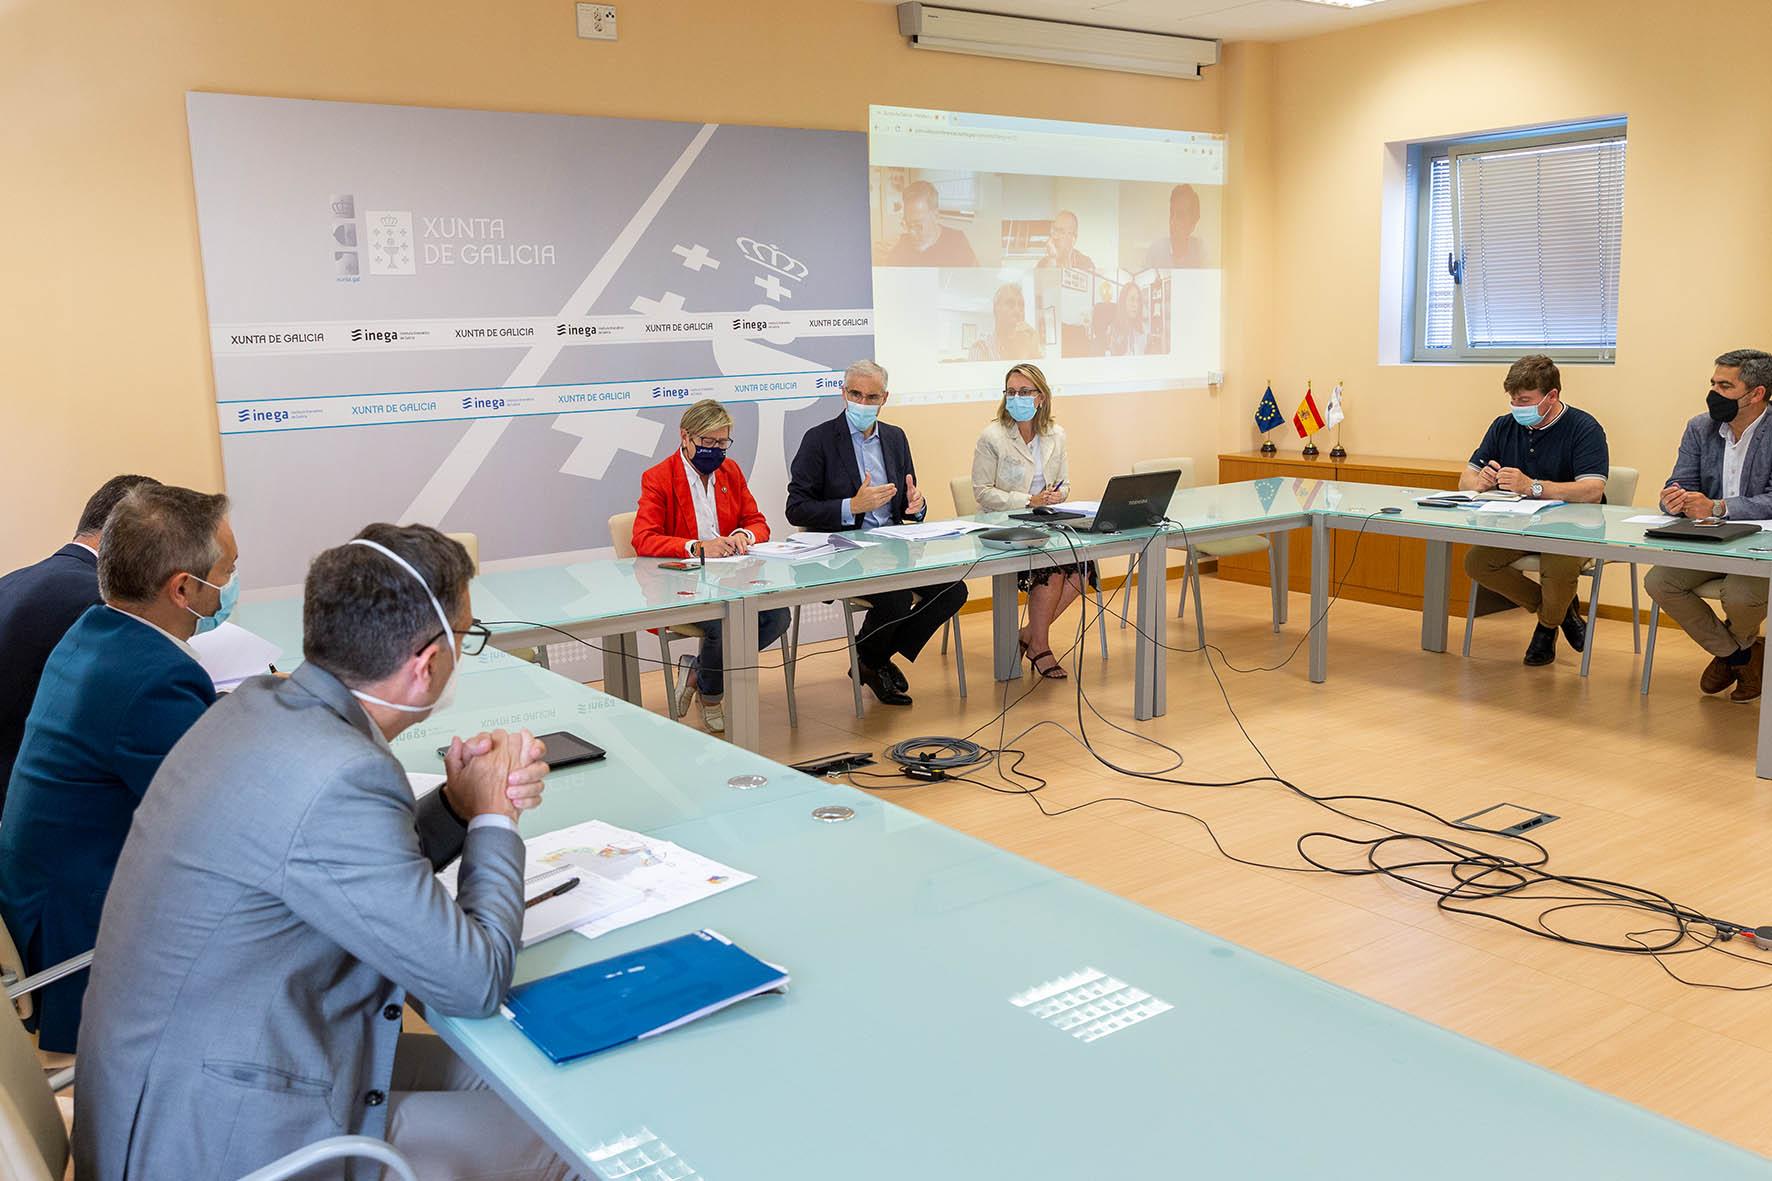 A Xunta avalía co sector pesqueiro e industrial os plans de ordenación do espazo marítimo antes de presentar ao goberno as súas alegacións sobre o desenvolvemento futuro da eólica mariña